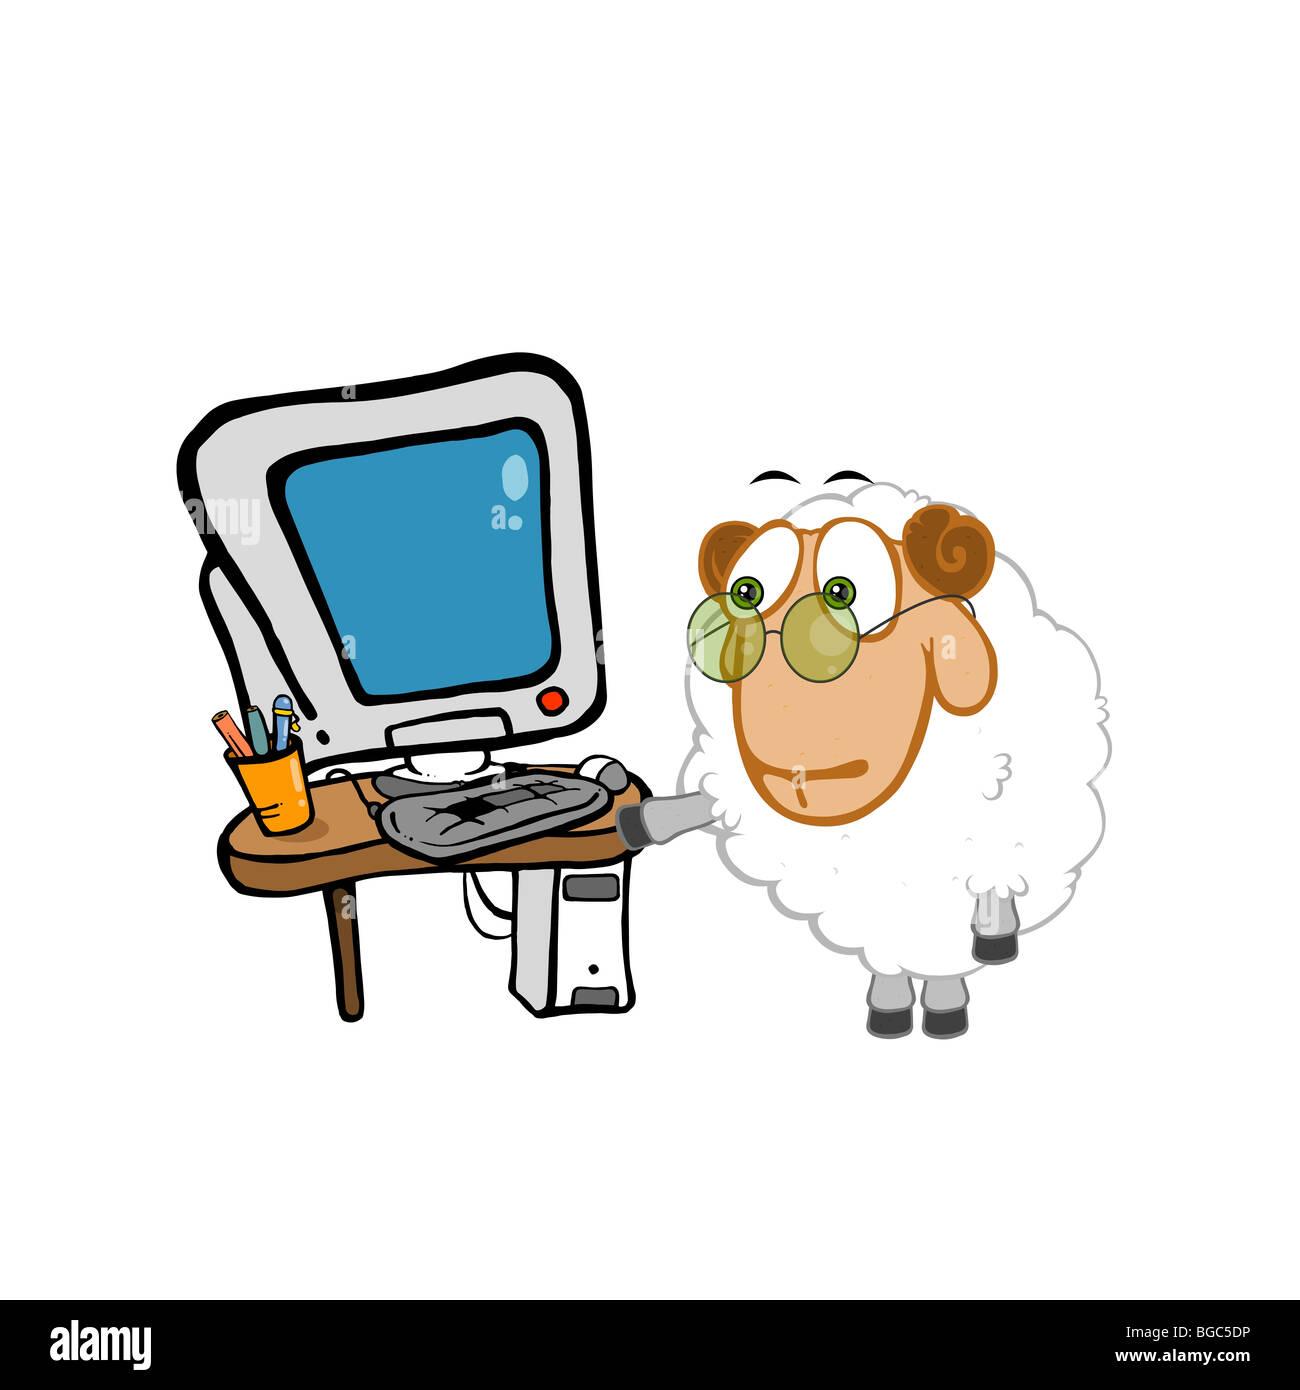 Lustige Schafe Stellt Seinen Arbeitsplatz Comic Bild Enthalt